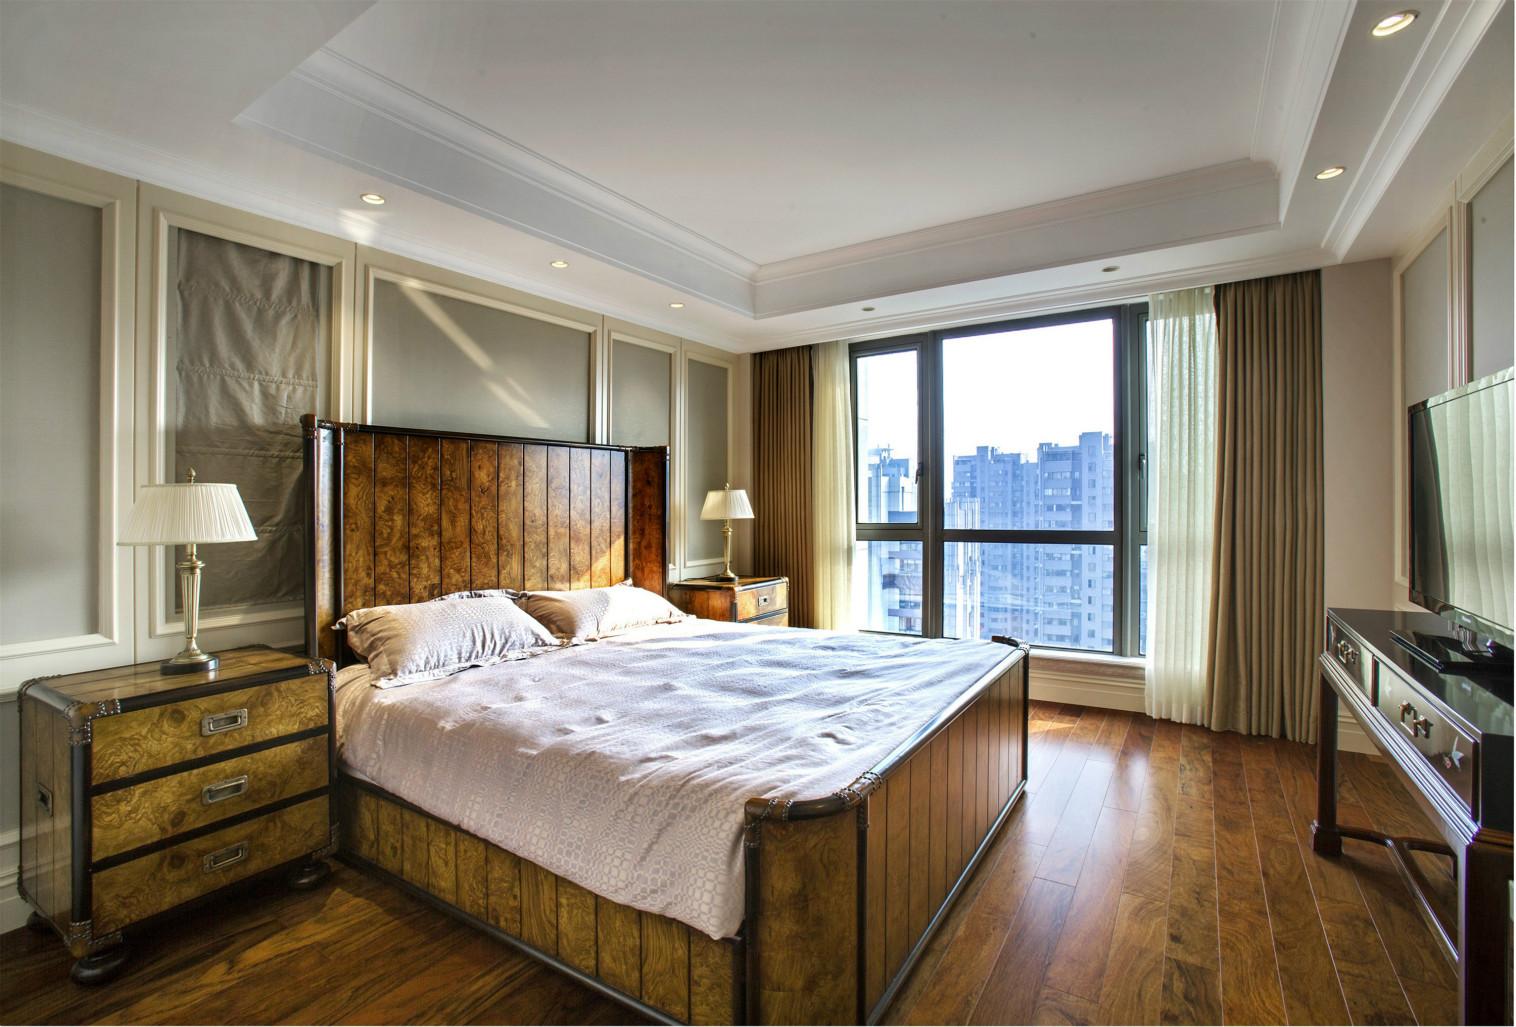 美式实木床头柜十分考究,暖色调的装饰画有助于调和舒适与温暖